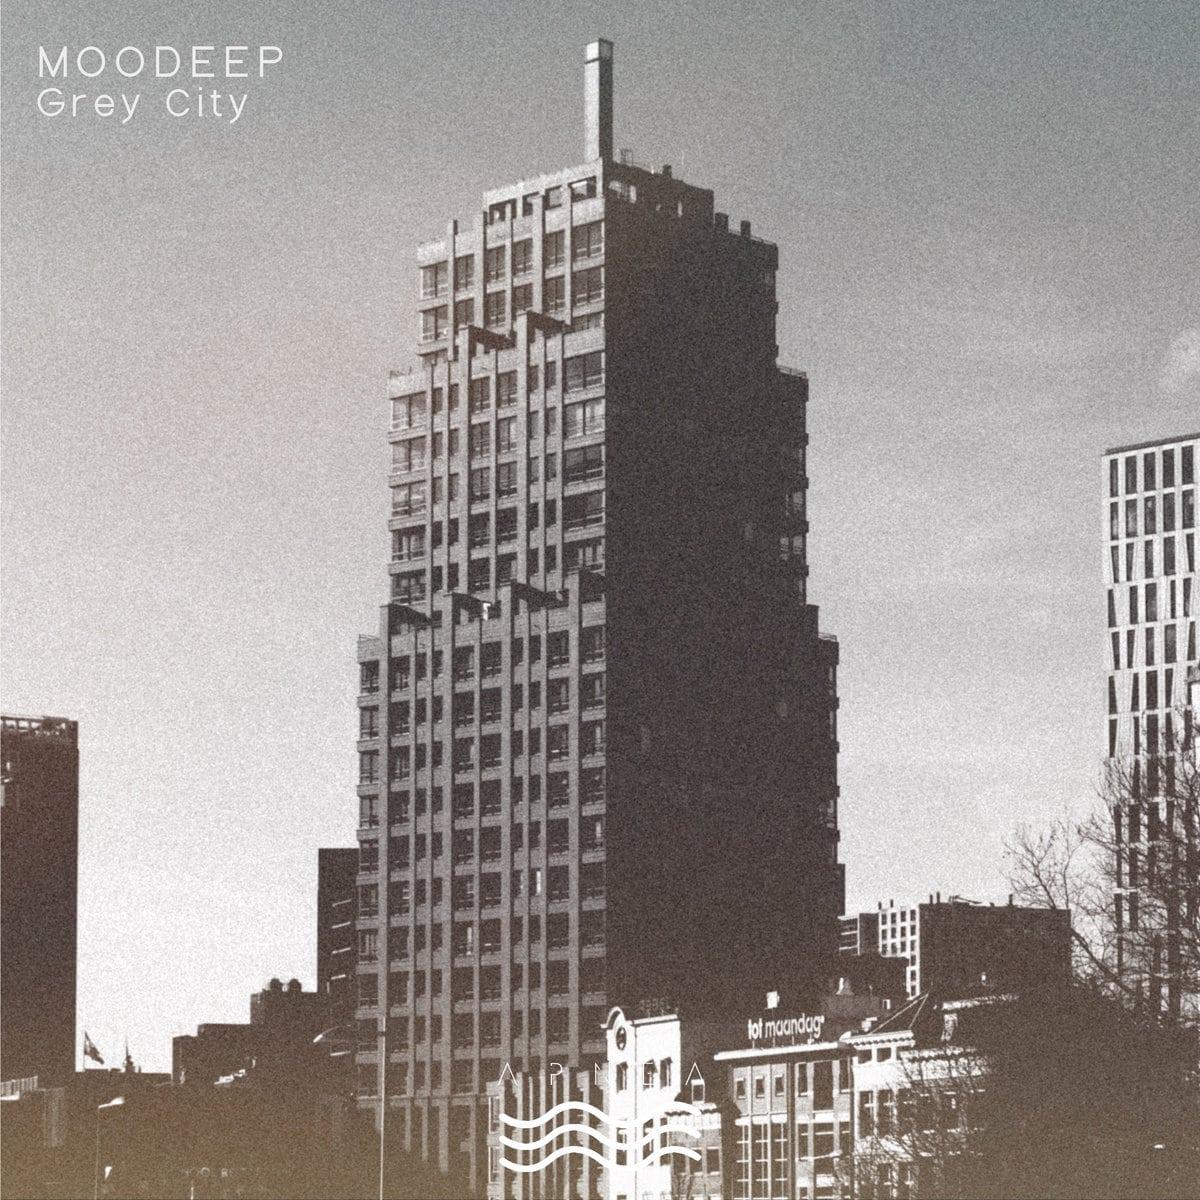 Moodeep